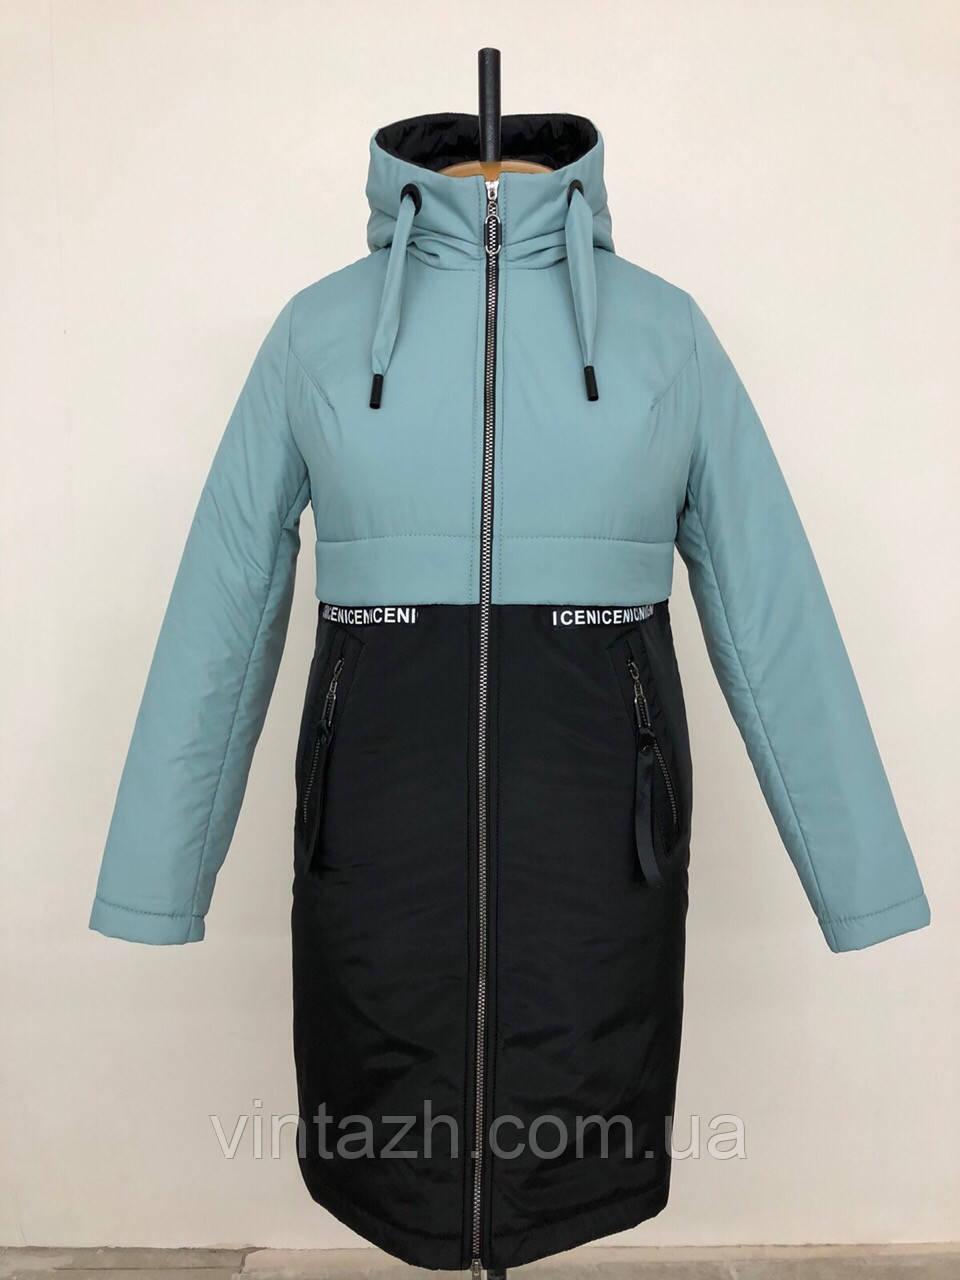 Куртки жіночі демісезонні подовжені розміри 48-58